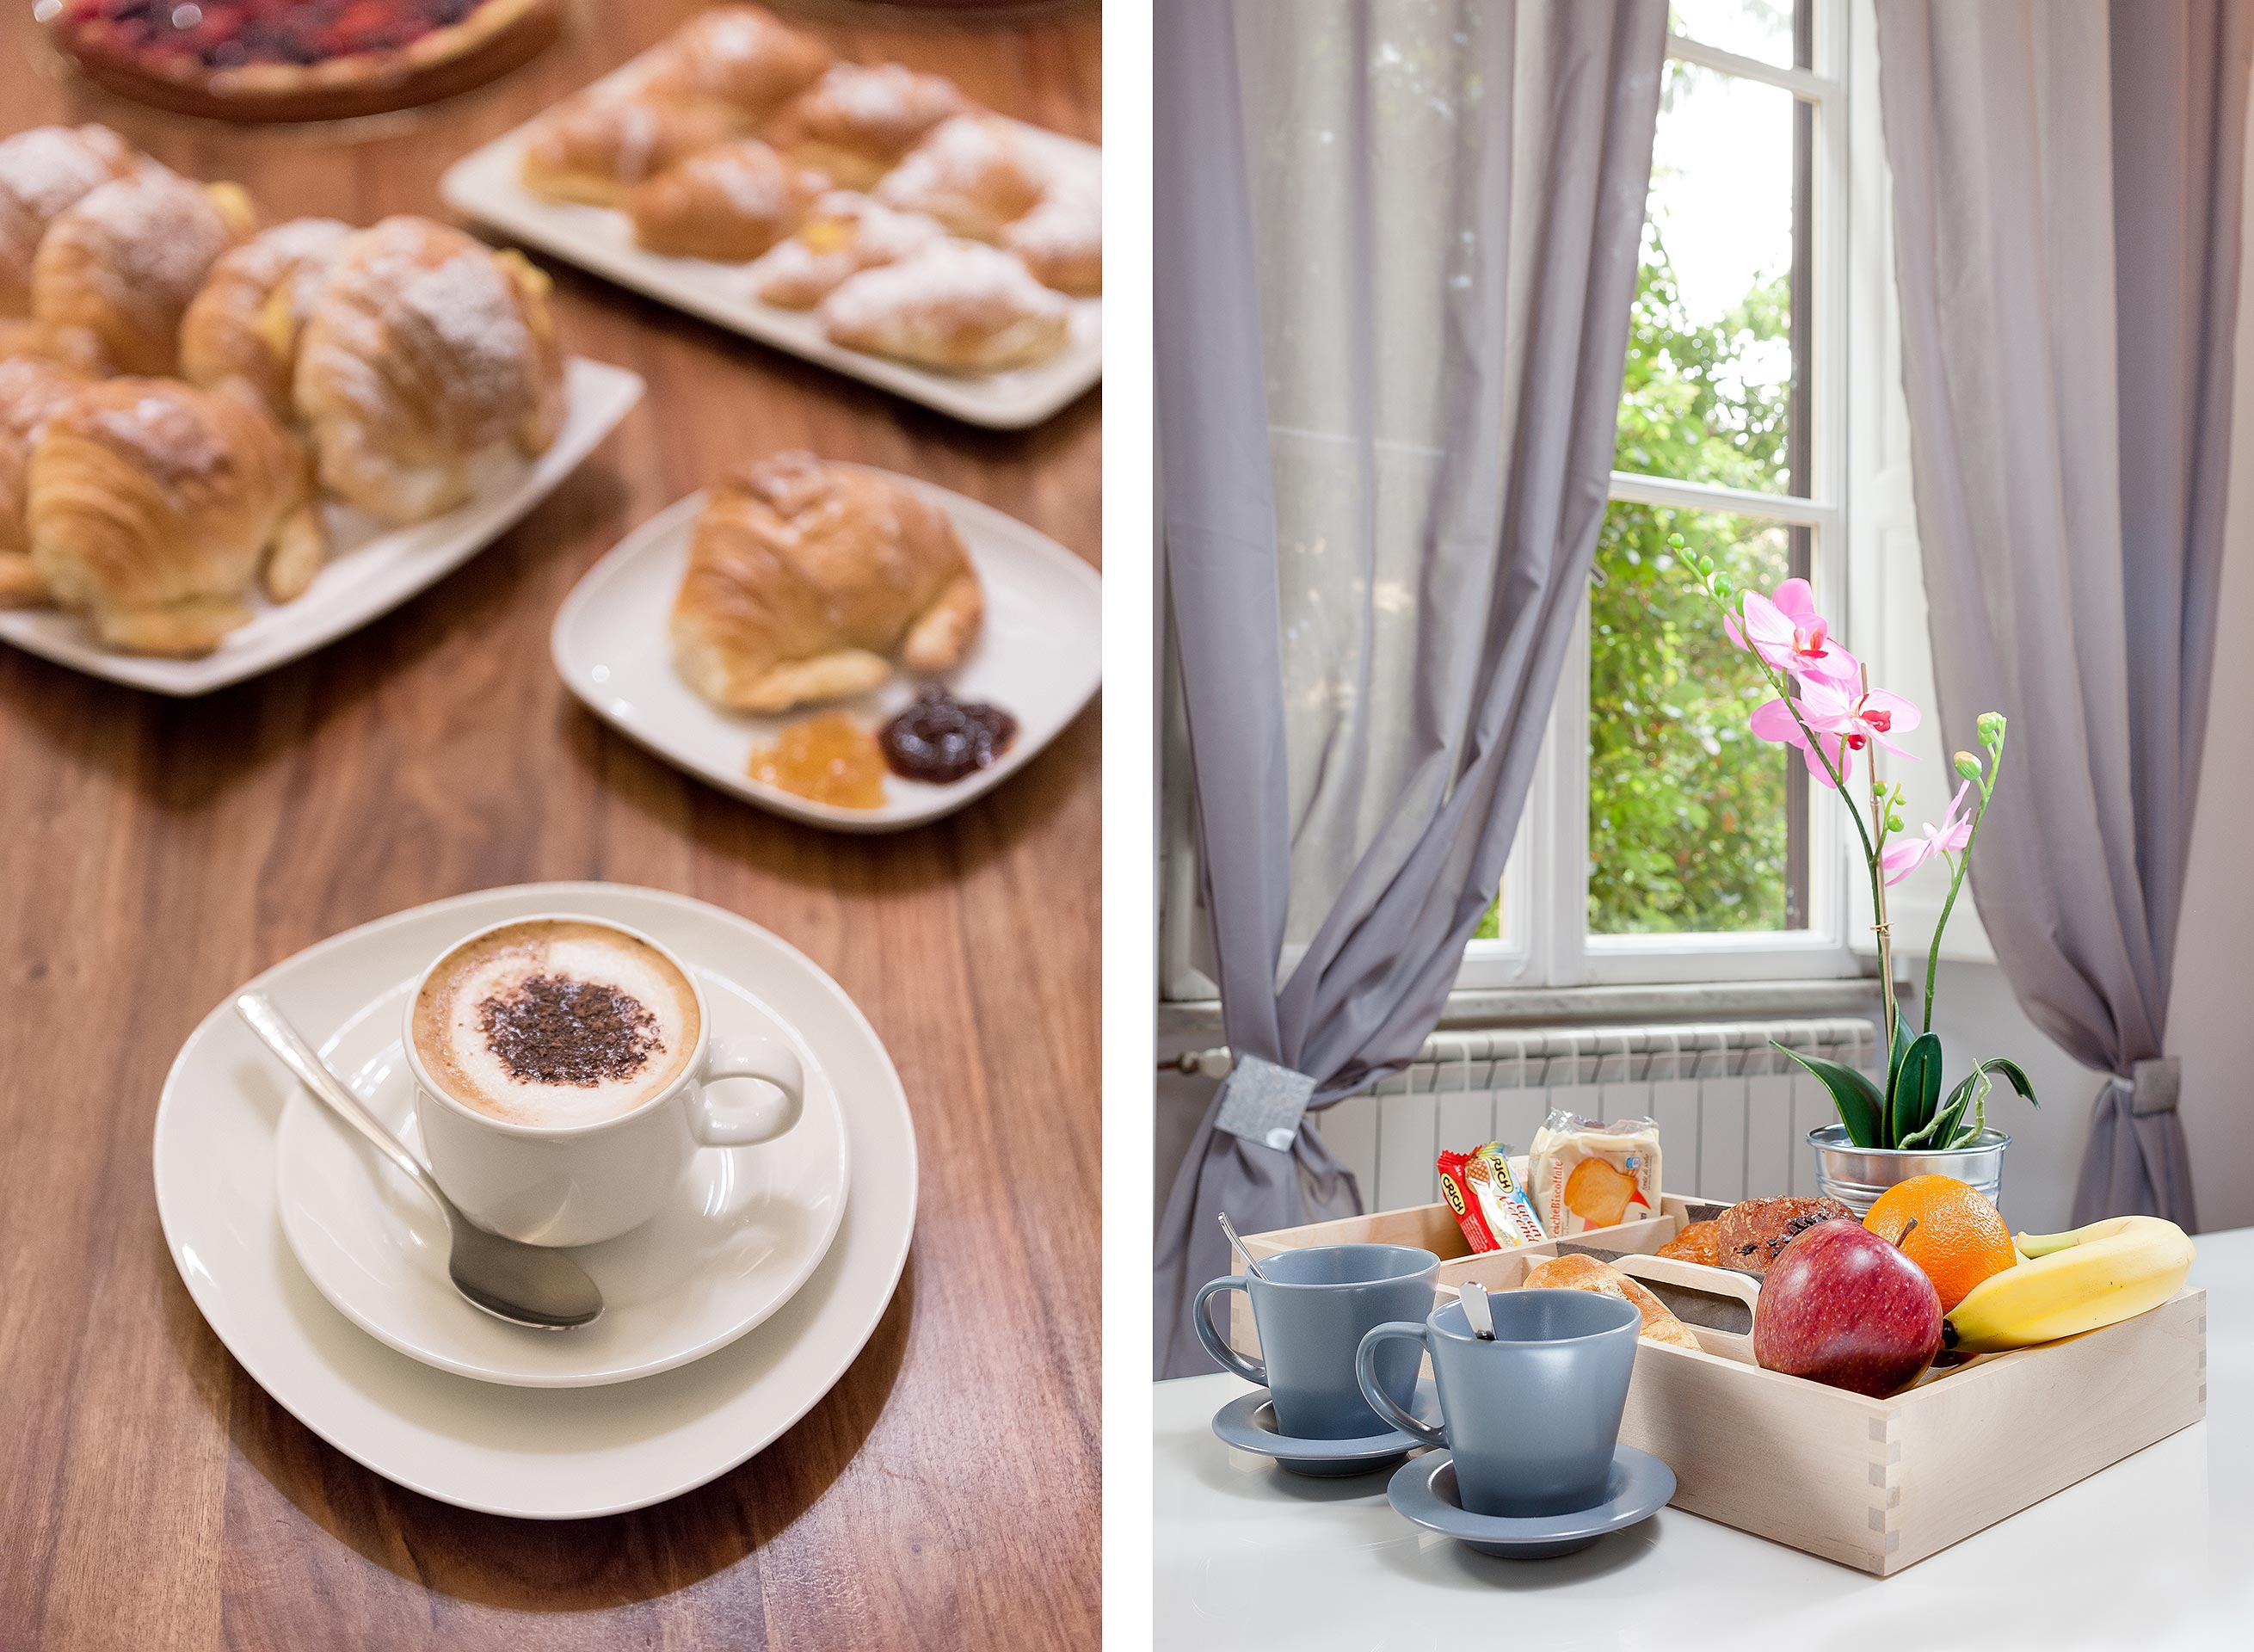 foto-bed-and-breakfast-fotografo-architettura-interni1